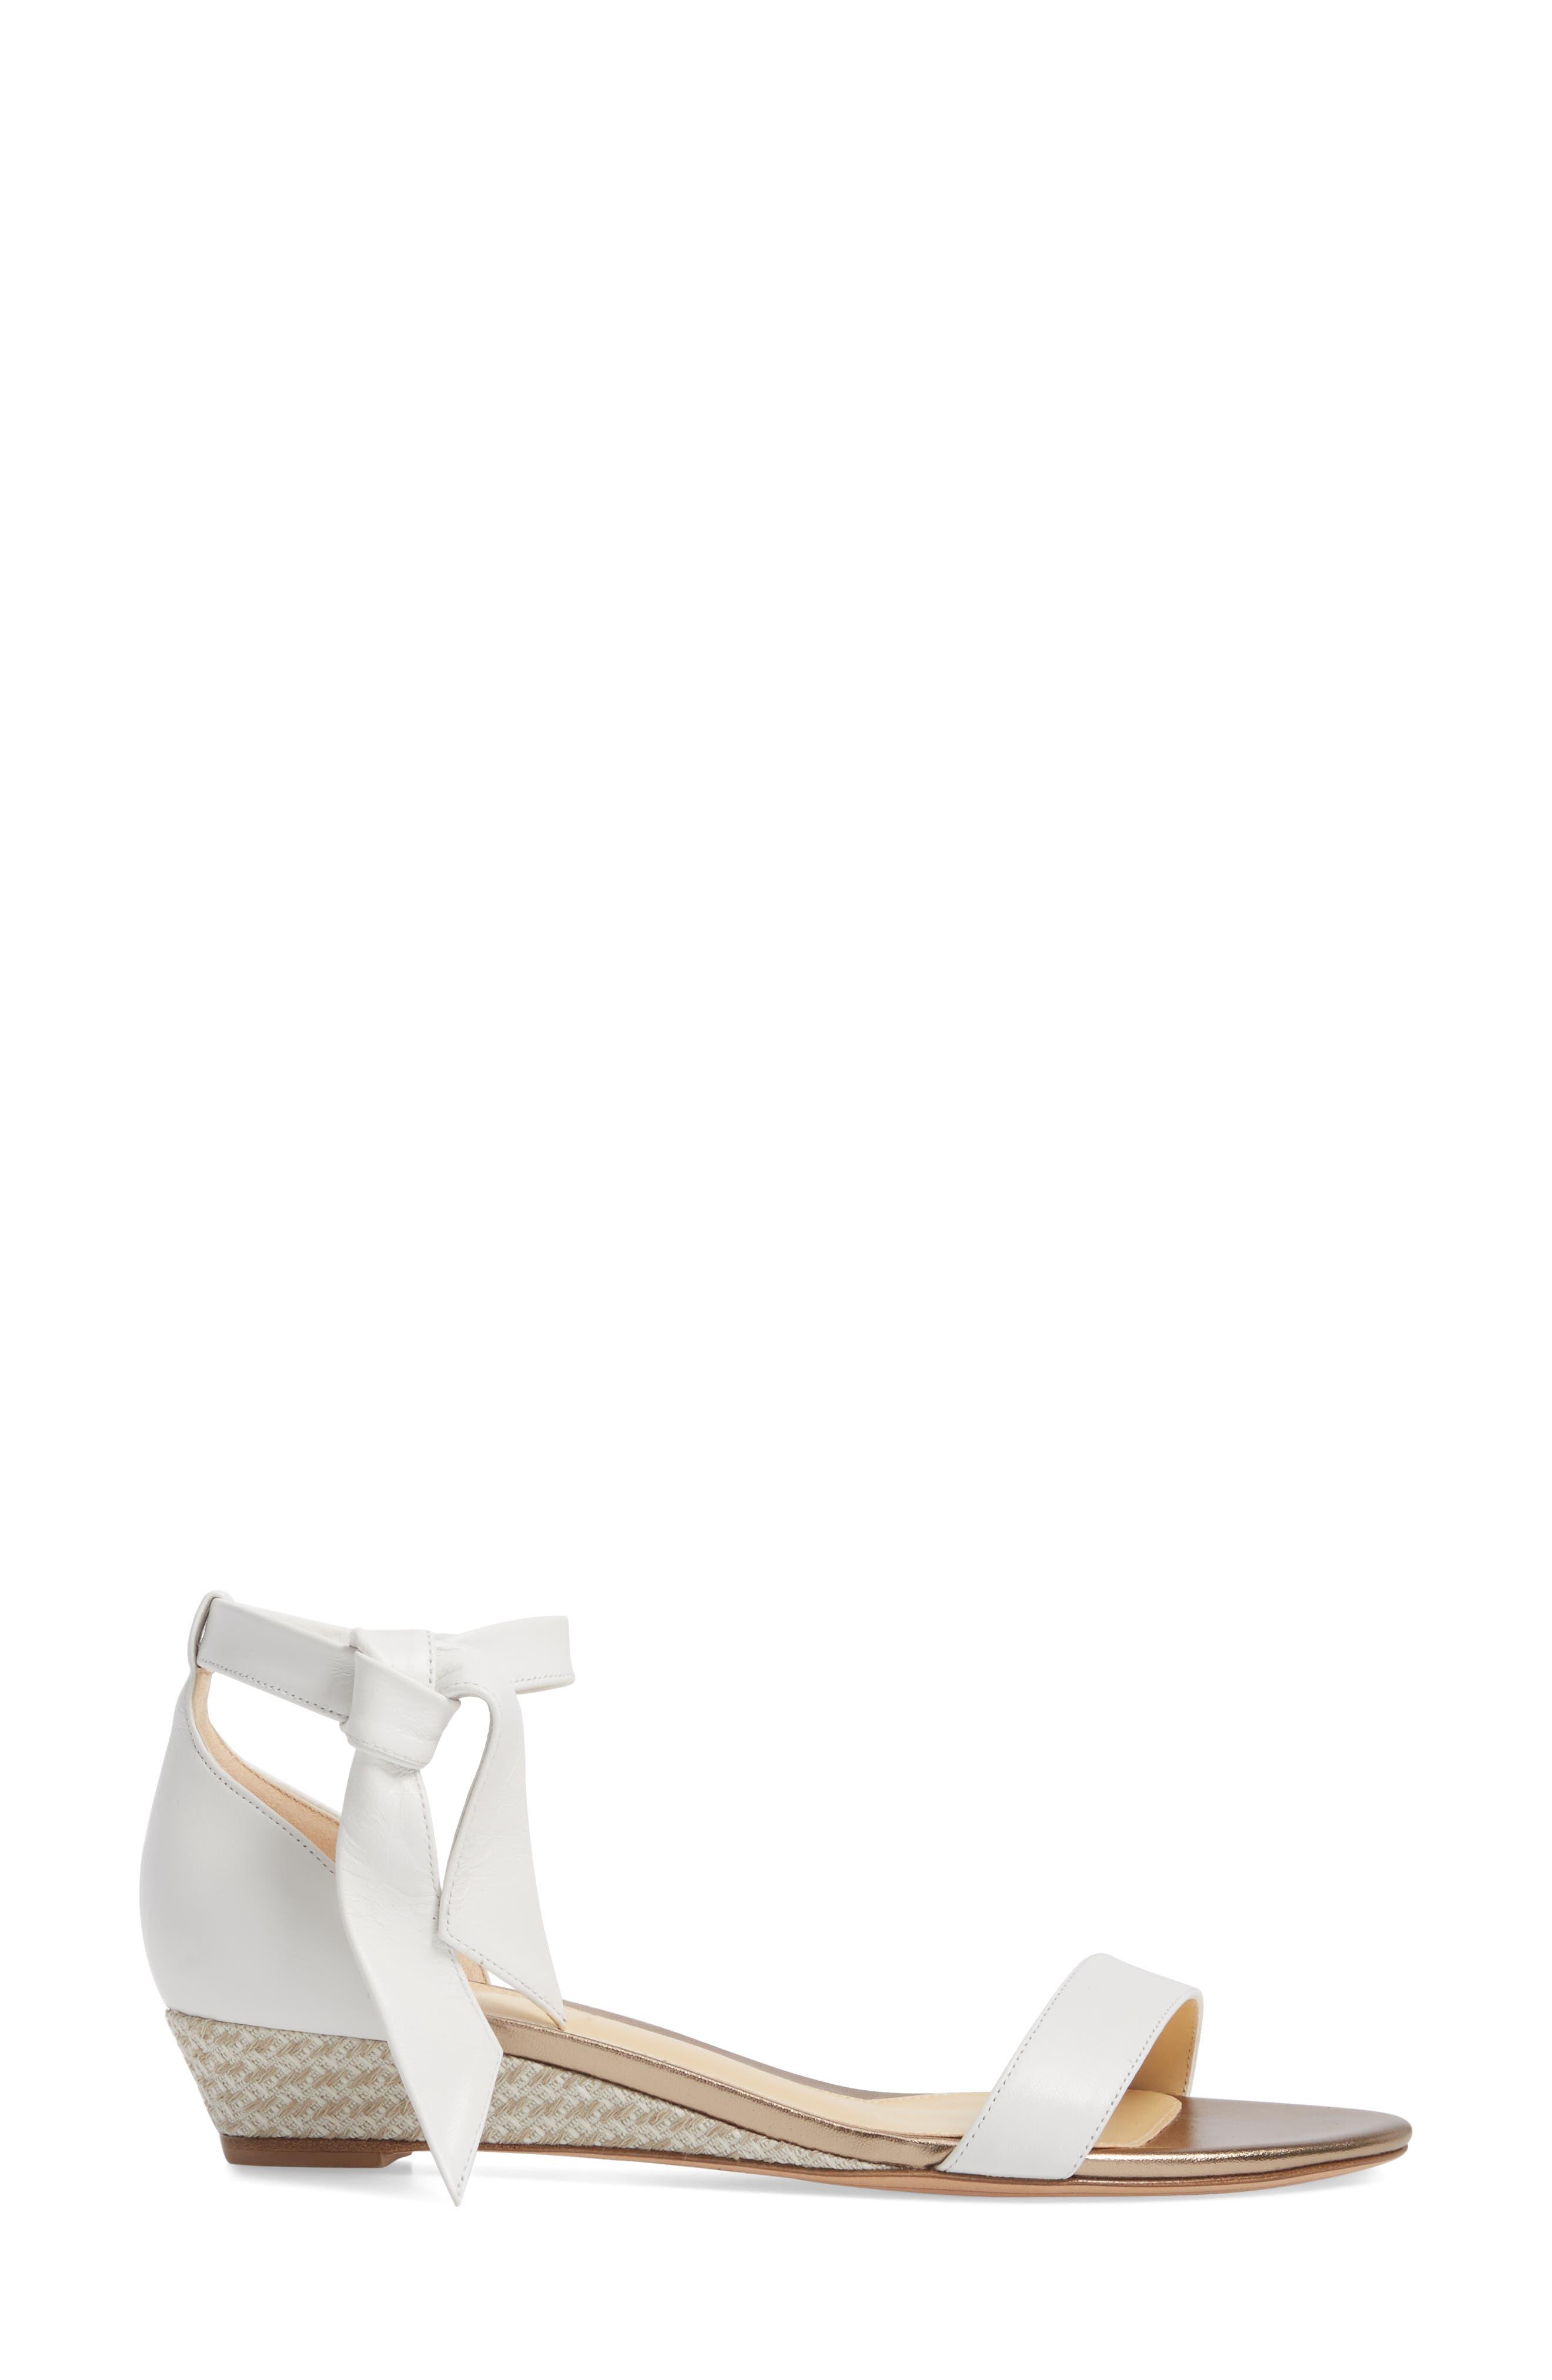 Clarita Wedge Sandal,                             Alternate thumbnail 3, color,